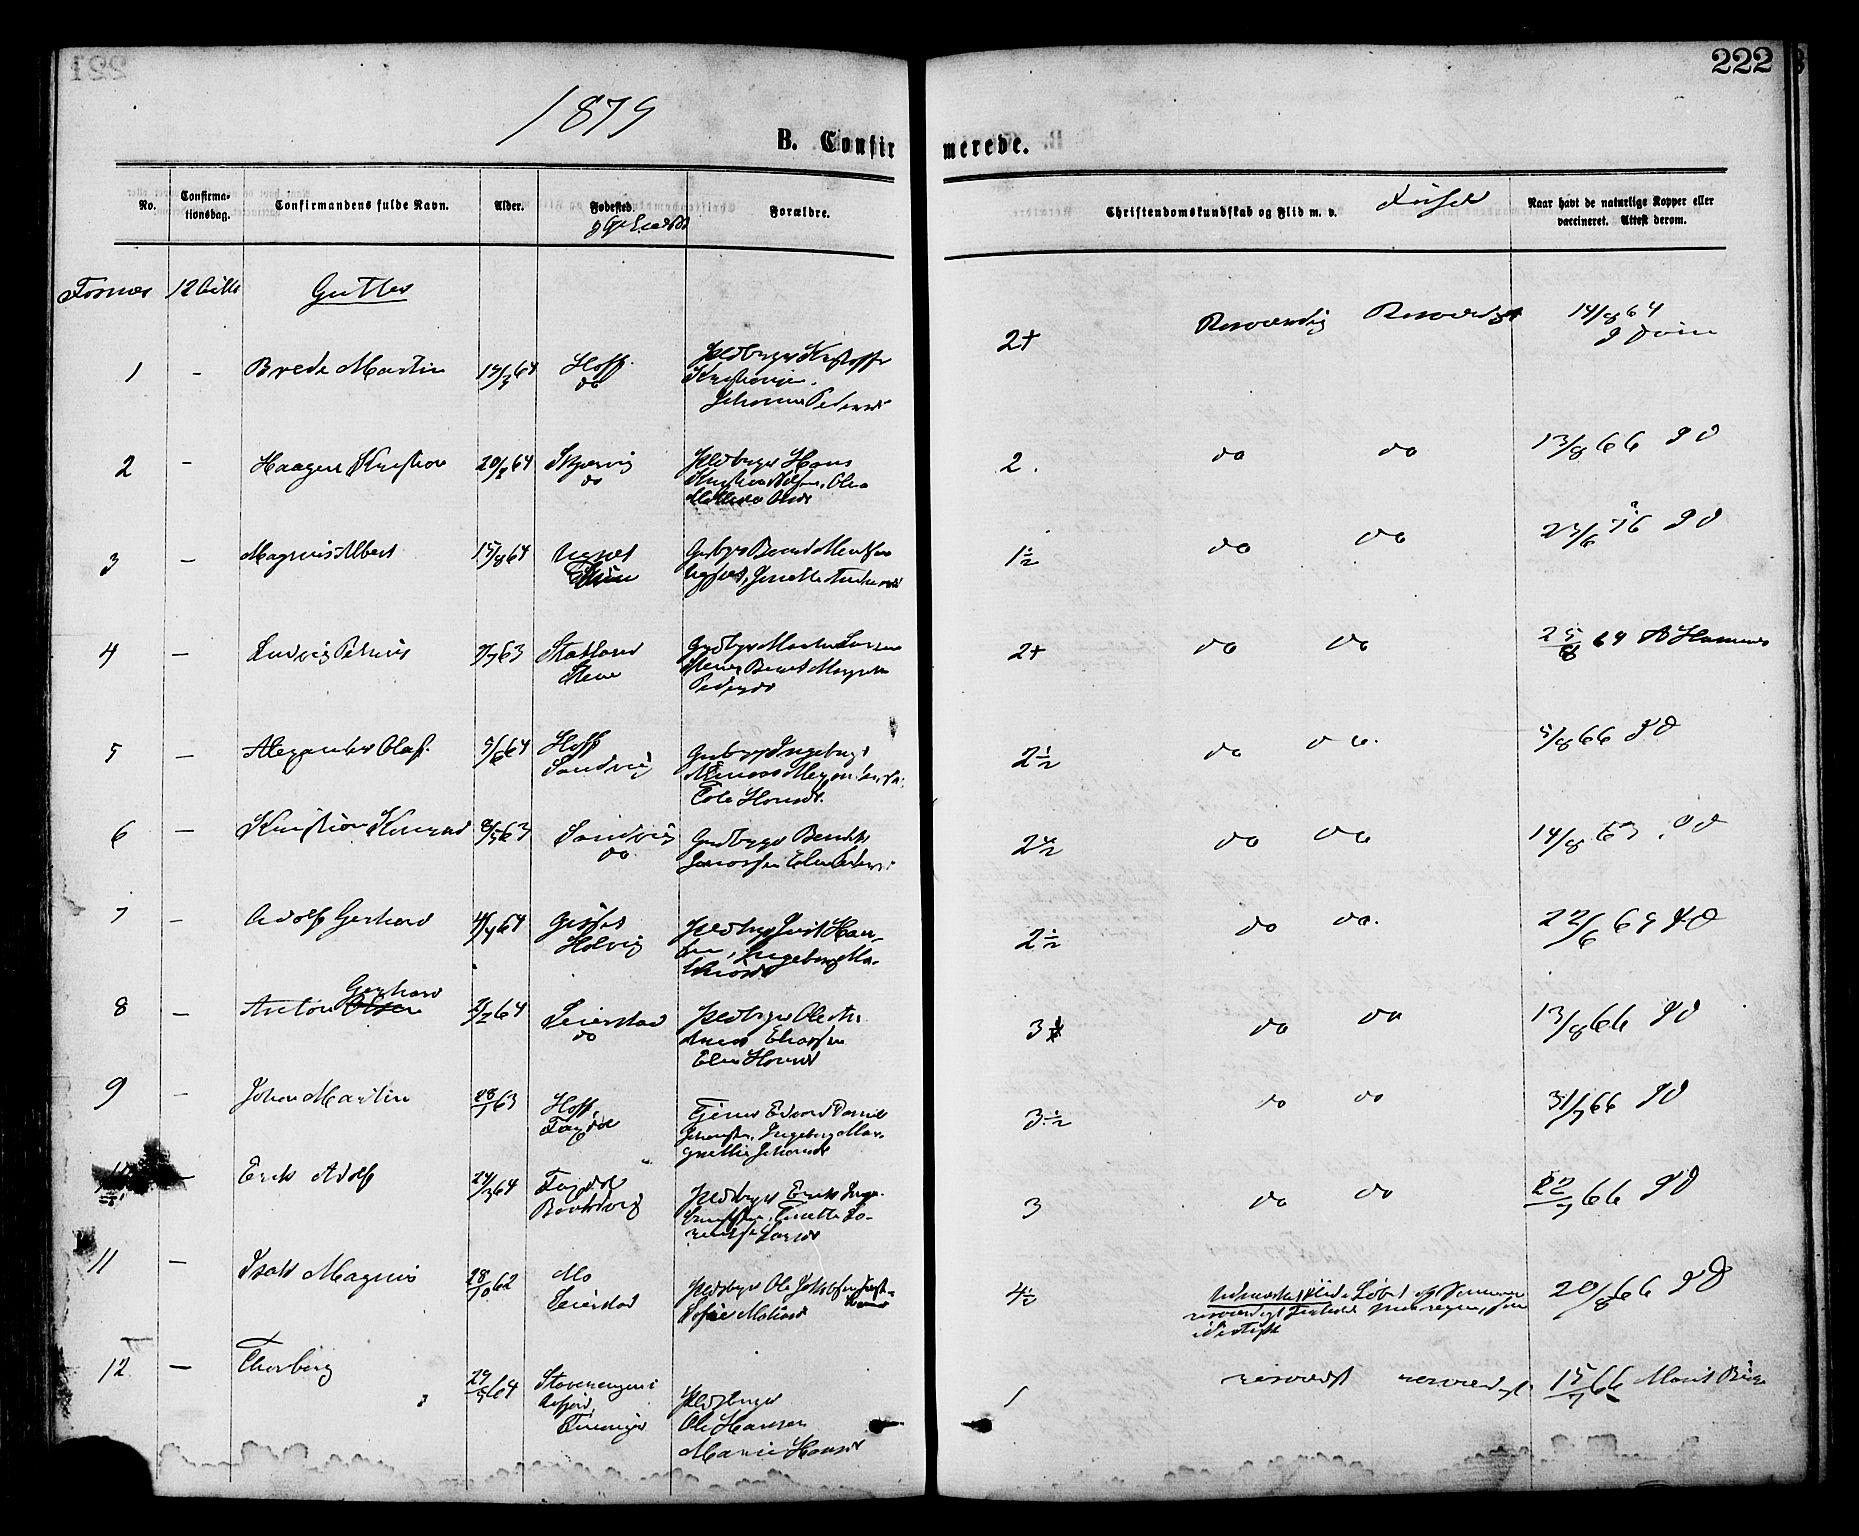 SAT, Ministerialprotokoller, klokkerbøker og fødselsregistre - Nord-Trøndelag, 773/L0616: Ministerialbok nr. 773A07, 1870-1887, s. 222